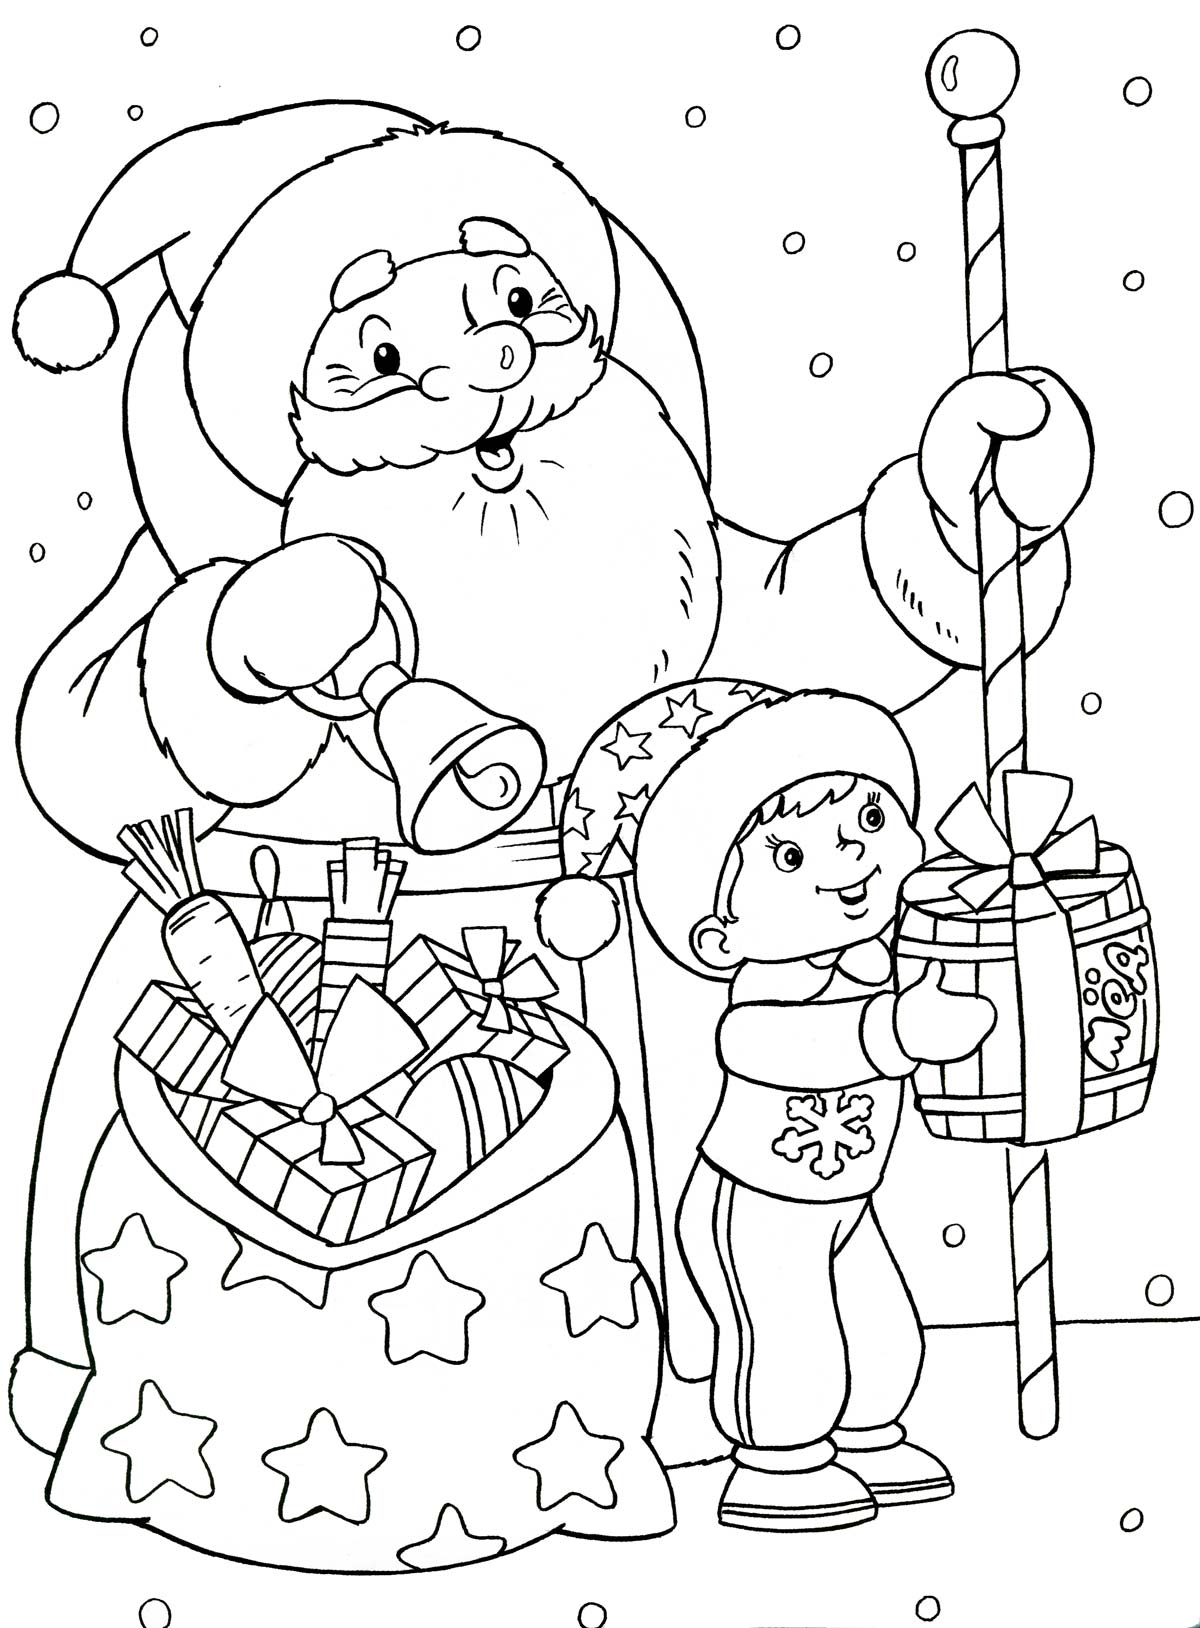 Открытка раскраска к новому году для малышей, надписью